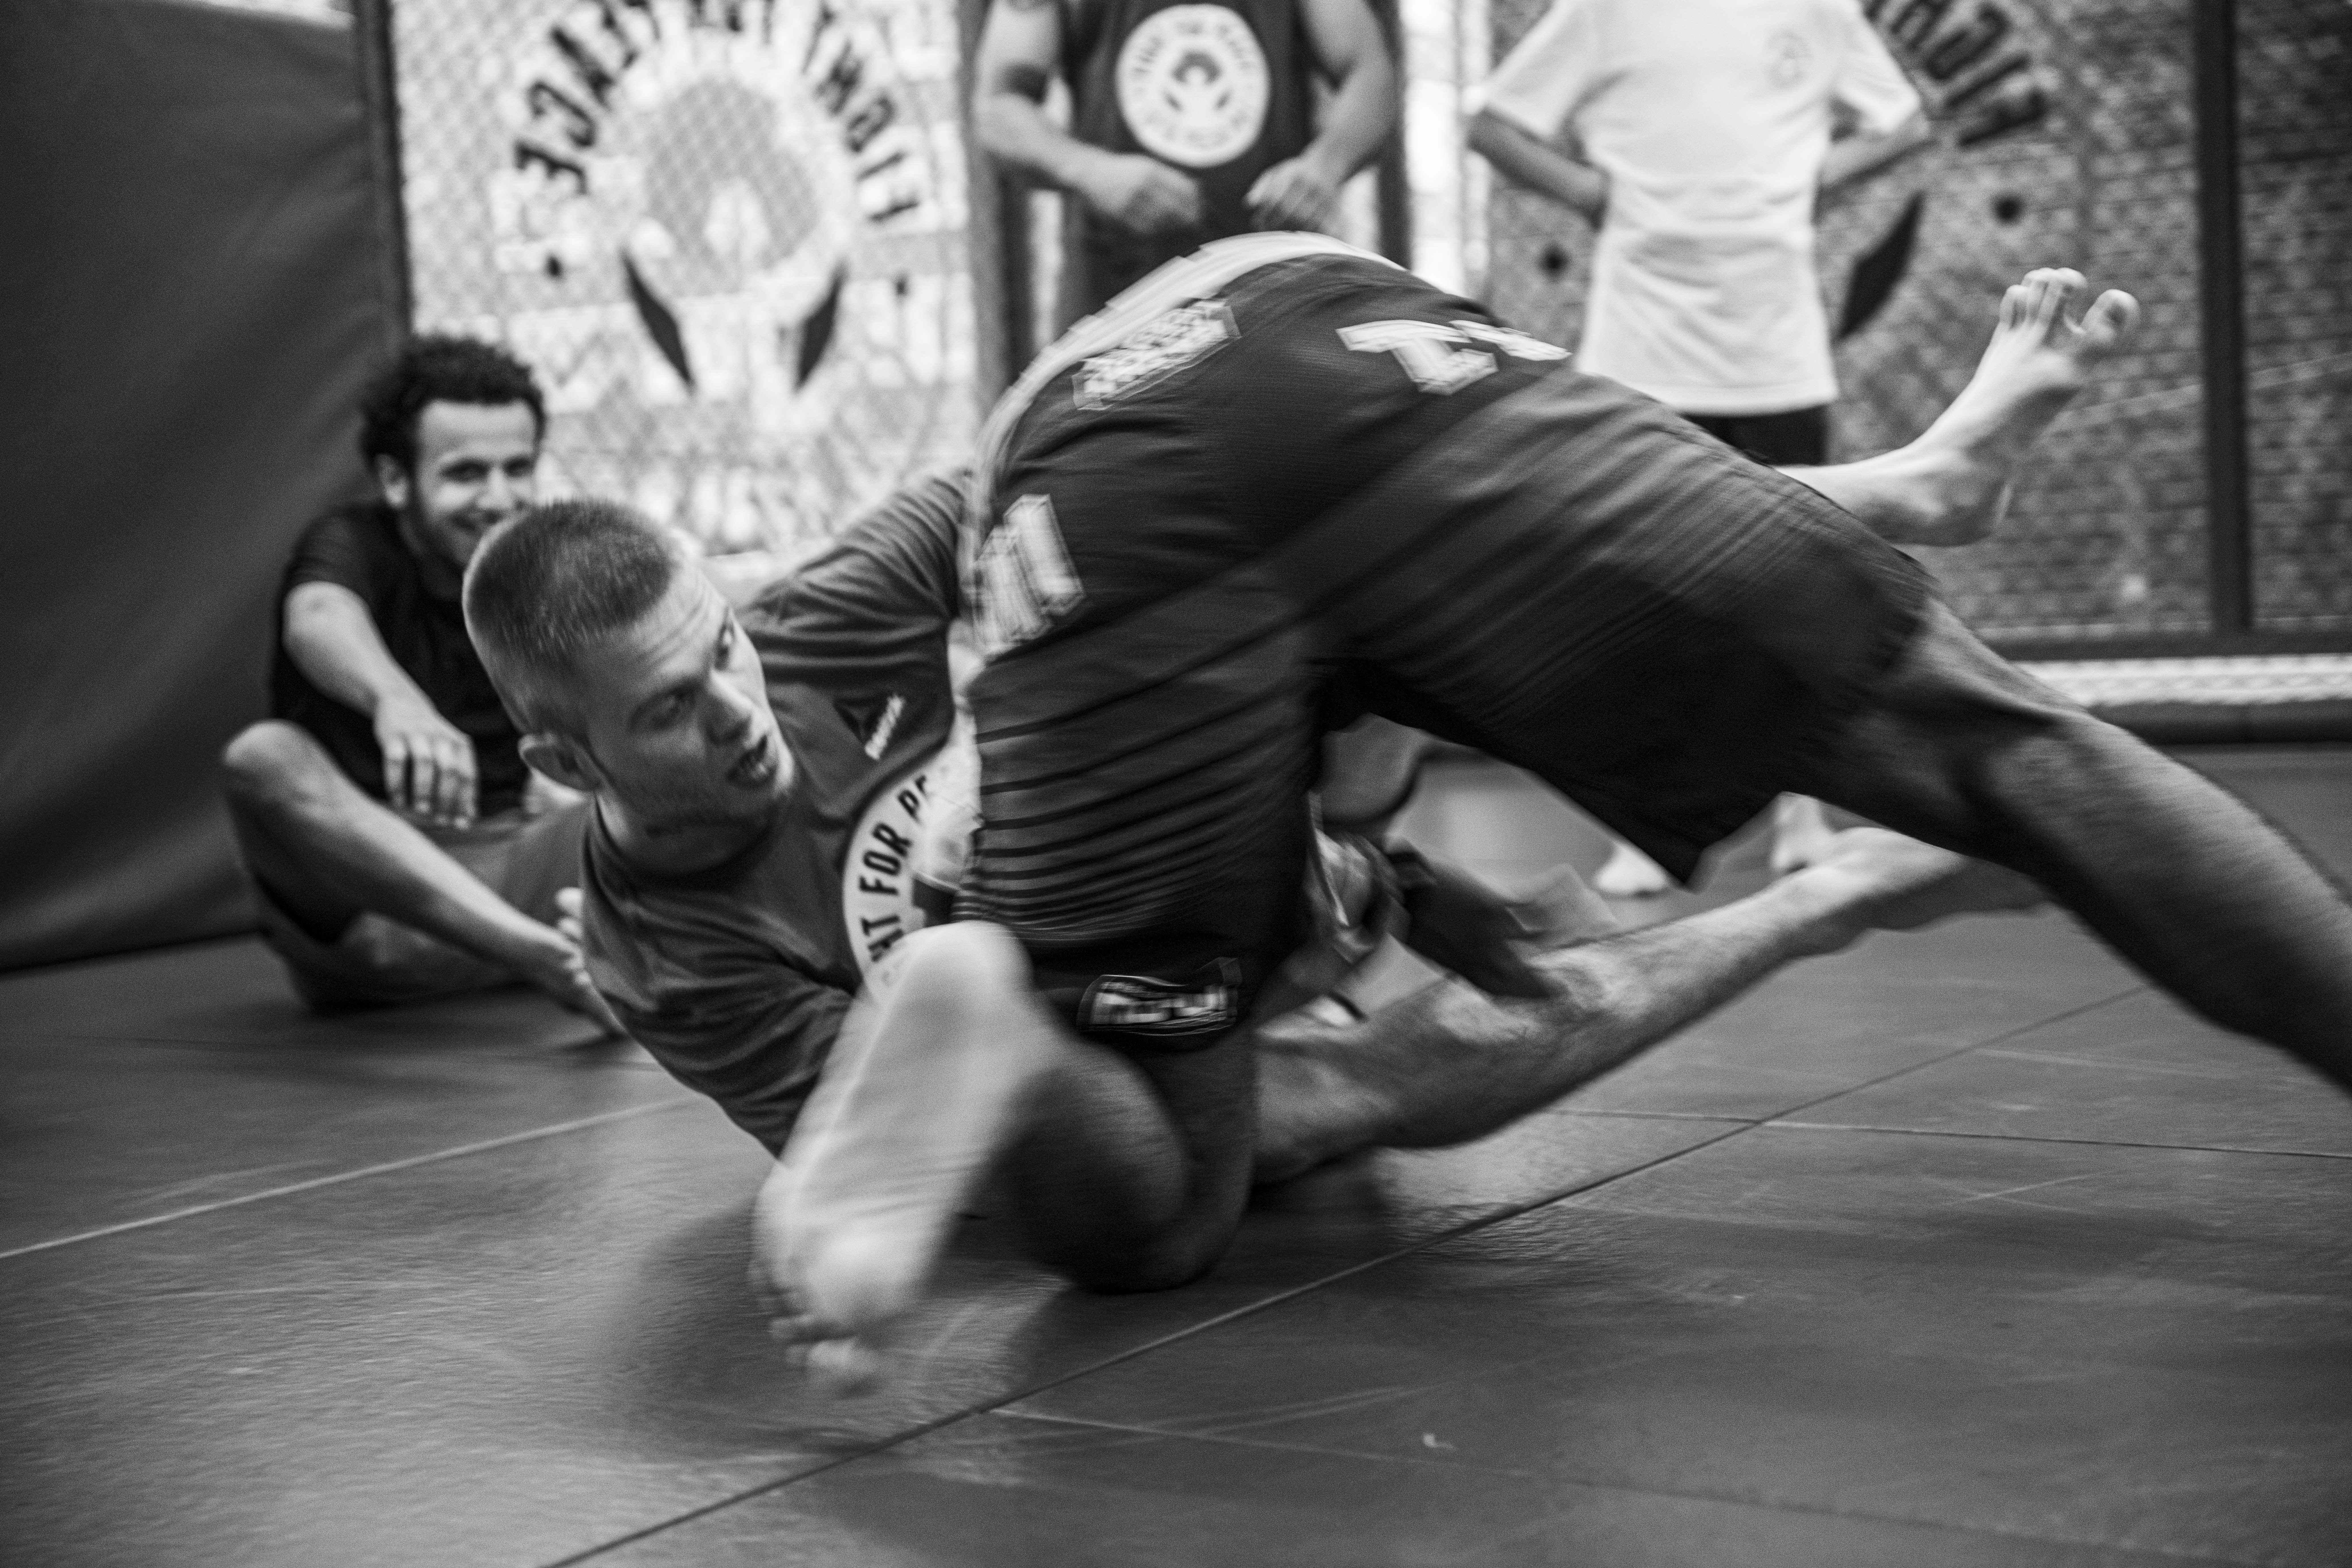 Men wrestling on the ground